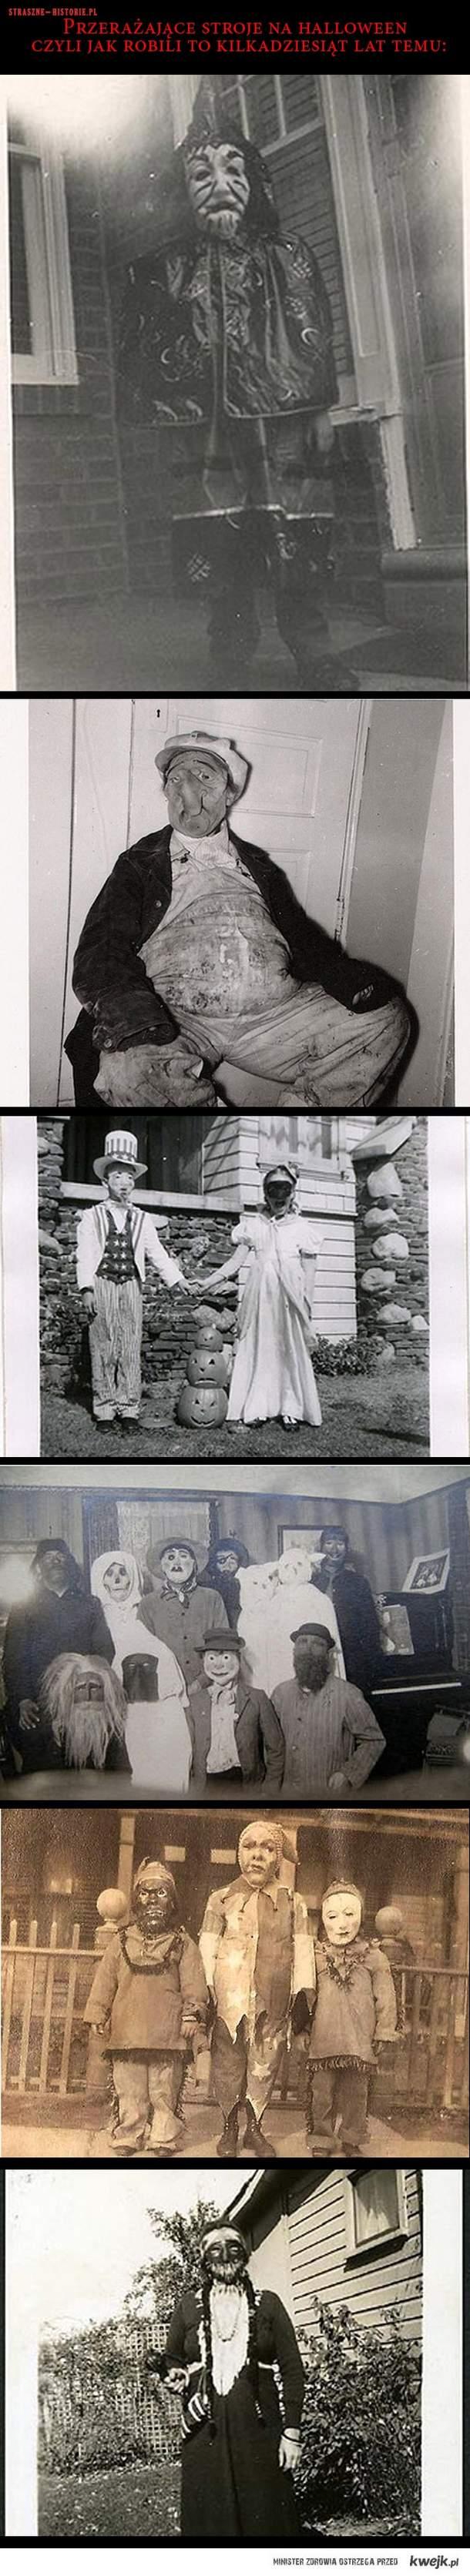 Jak kiedyś wyglądały stroje na halloween